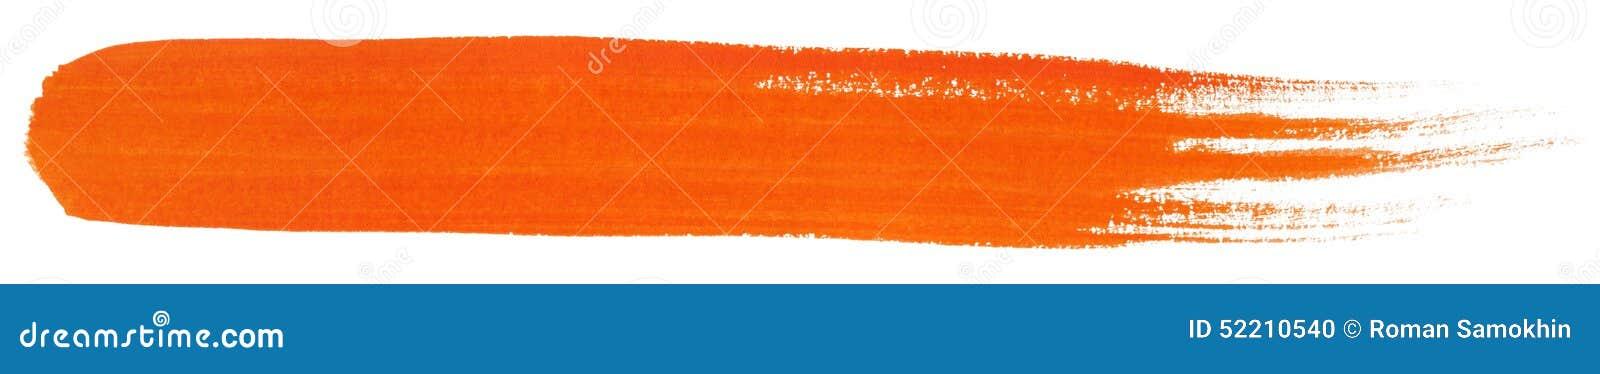 Orange stroke of gouache paint brush